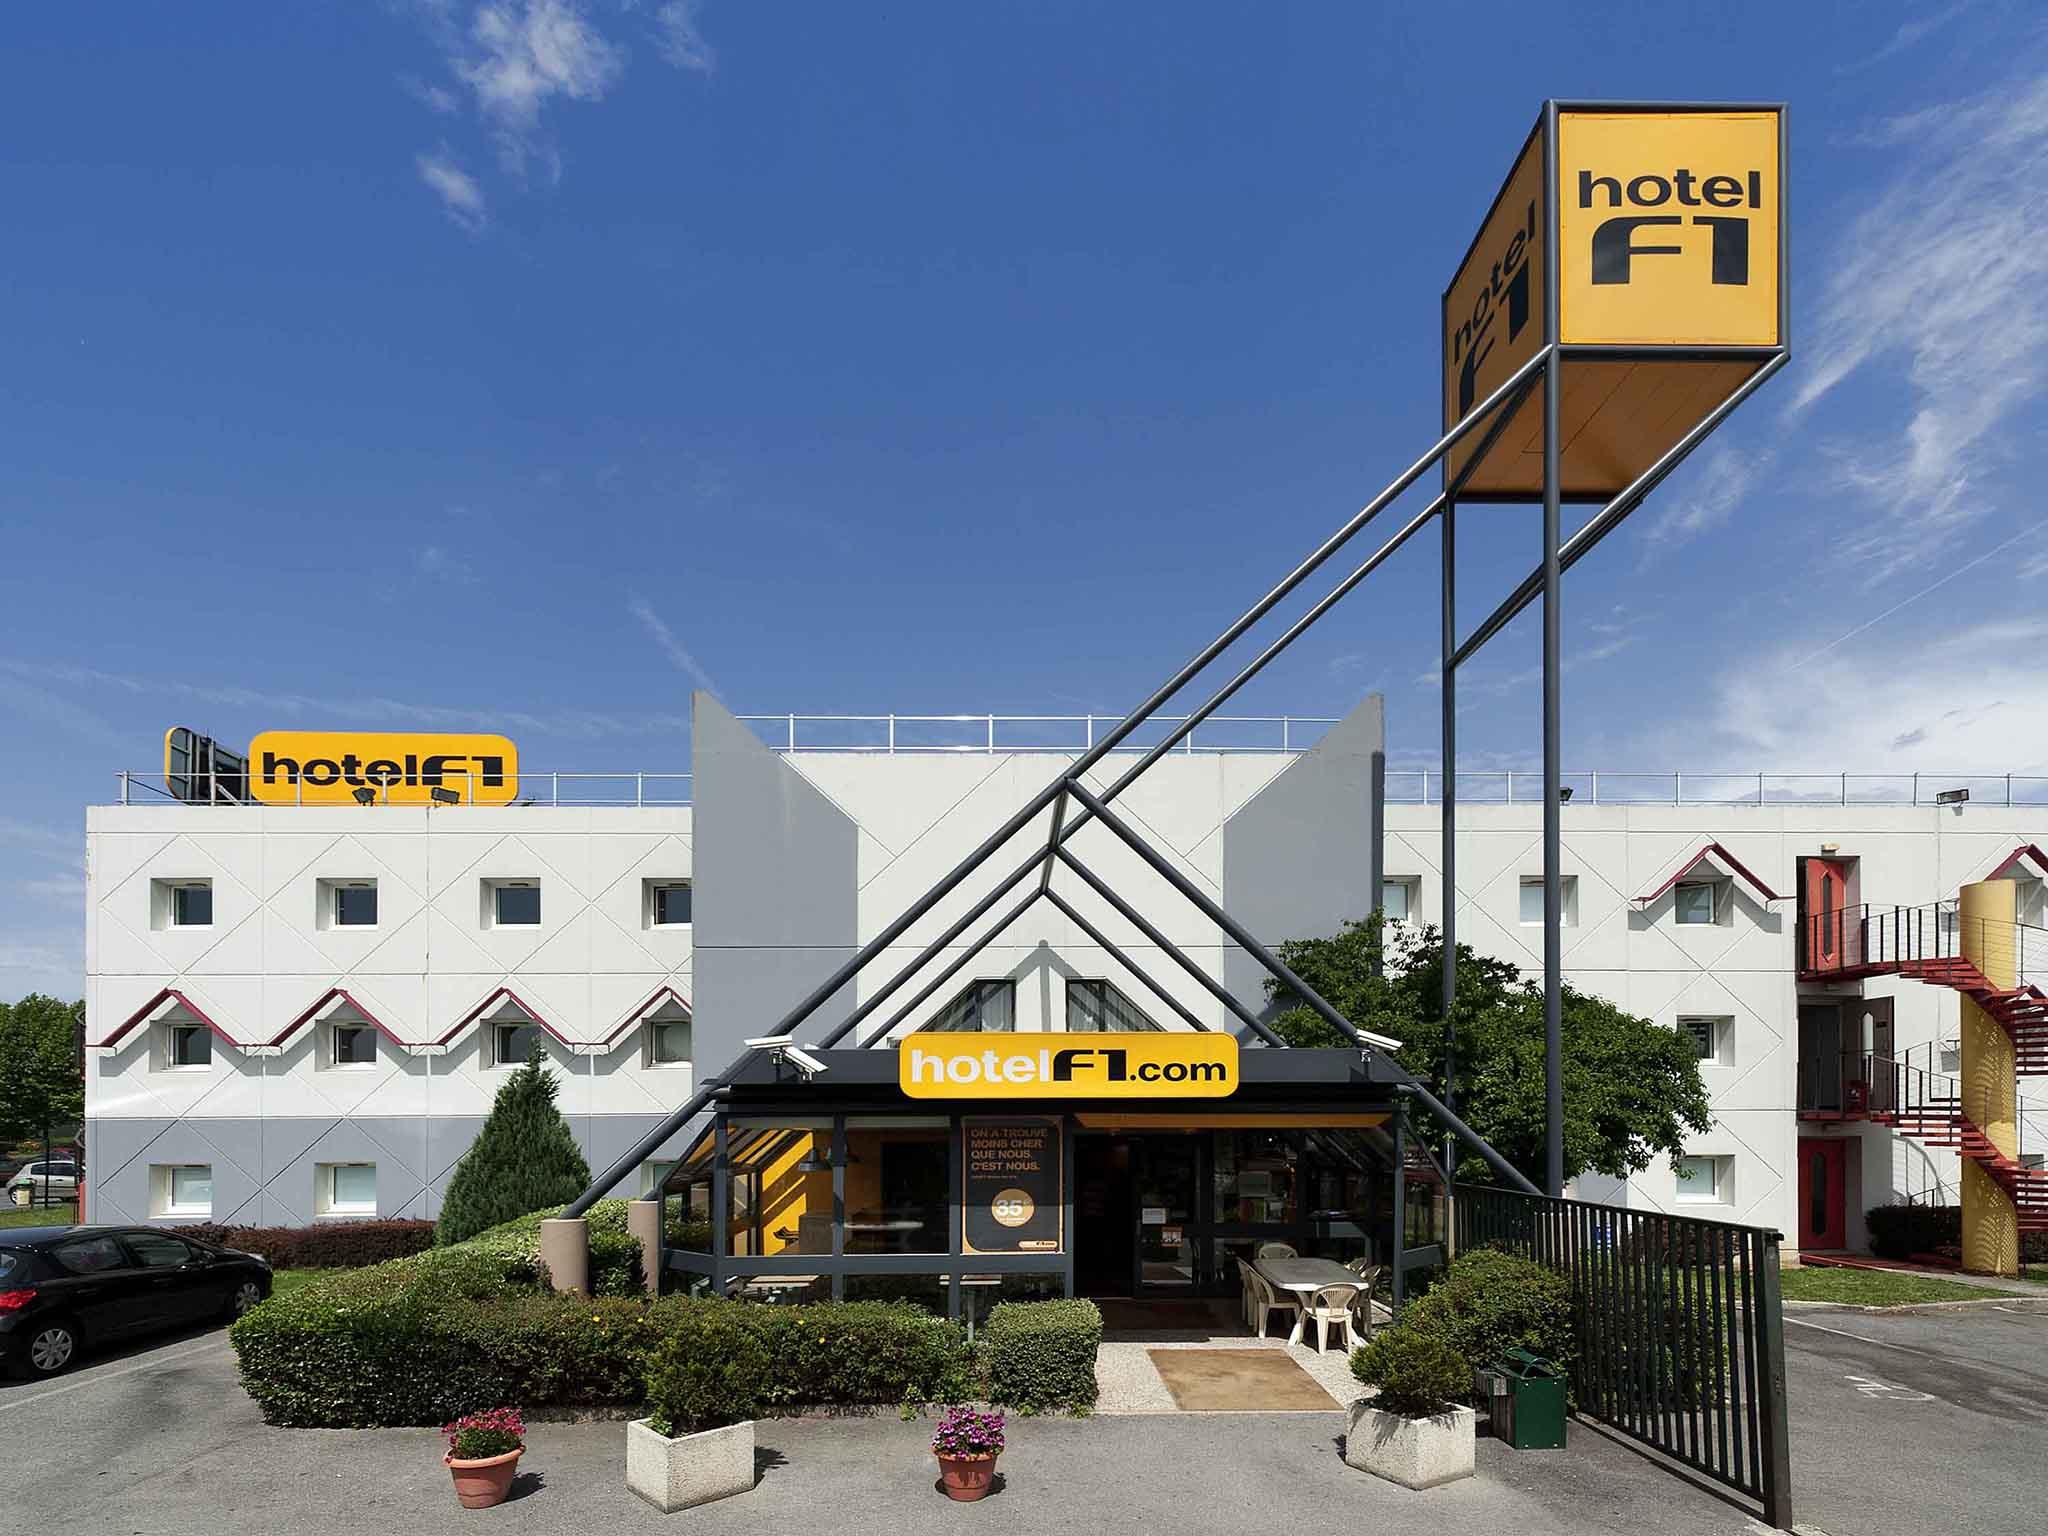 Hotel – hotelF1 Sochaux Montbéliard